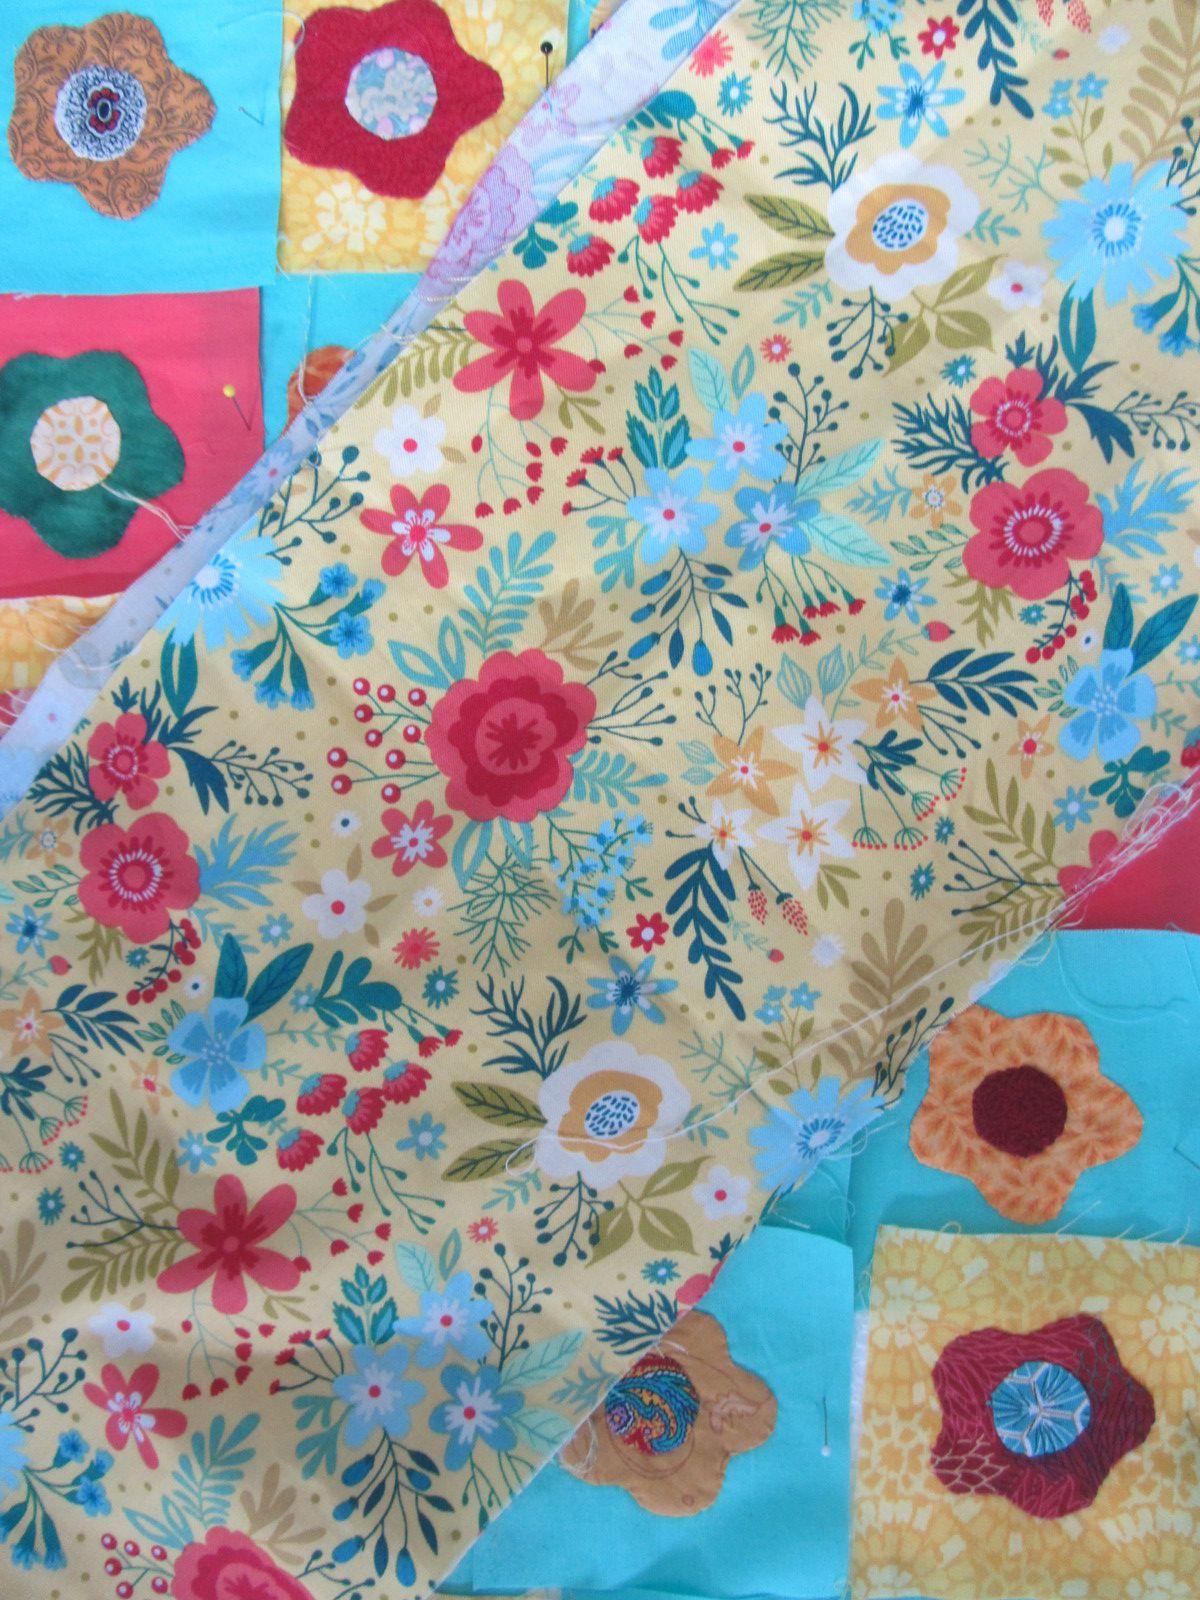 Personnellement j'ai décidé de faire une fleur en appliqué par jour de confinement. Mon point de départ étant ce tissu pour me guider dans le choix des couleurs.